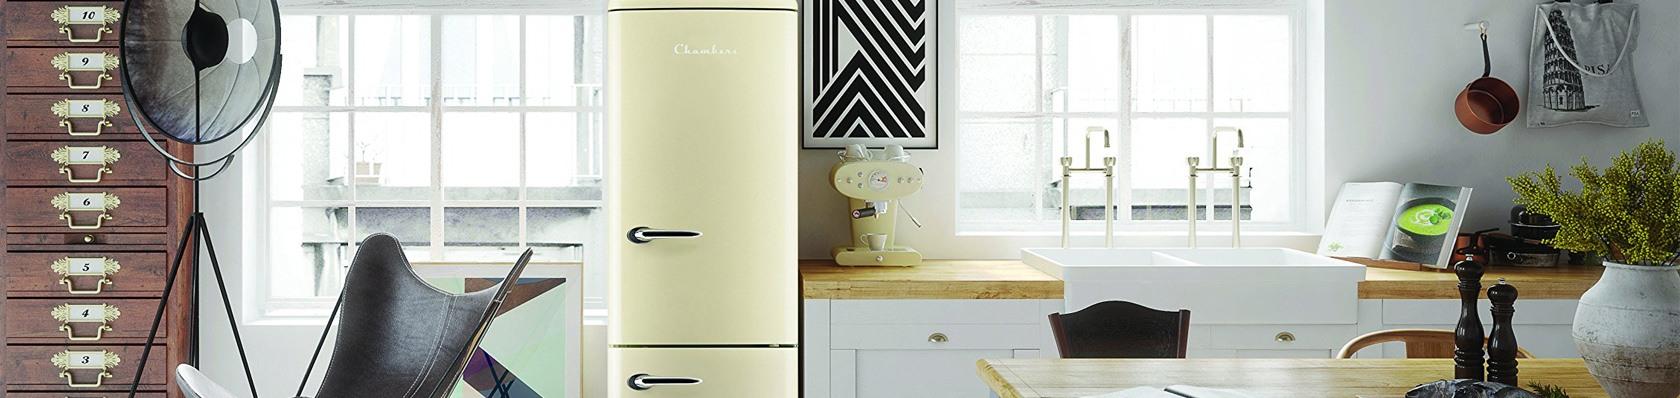 Retro Kühlschränke im Test auf ExpertenTesten.de